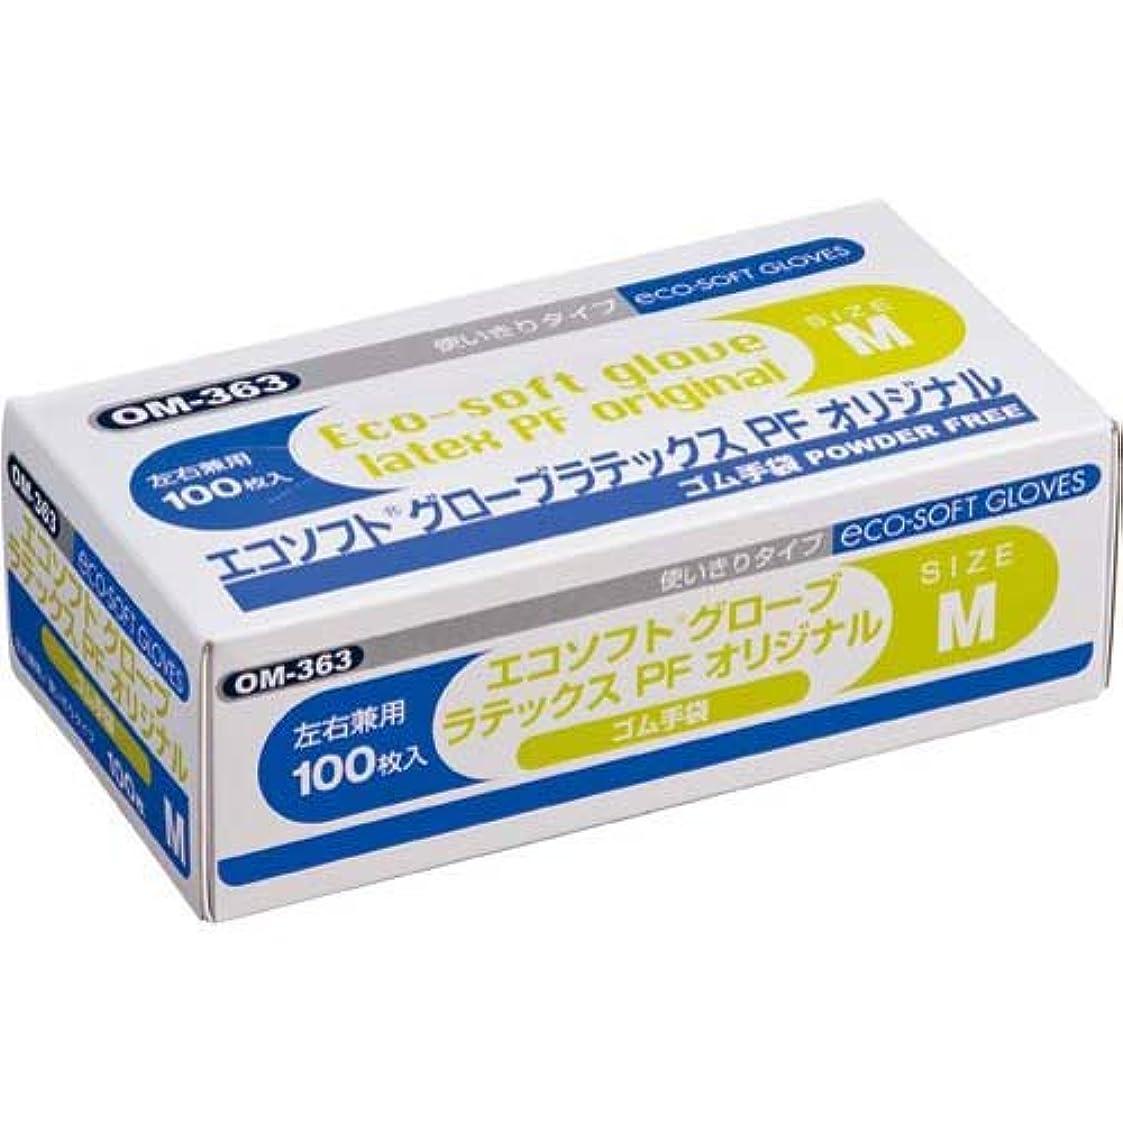 徹底箱優れたオカモト エコソフト ラテックス手袋 粉無 M 10箱